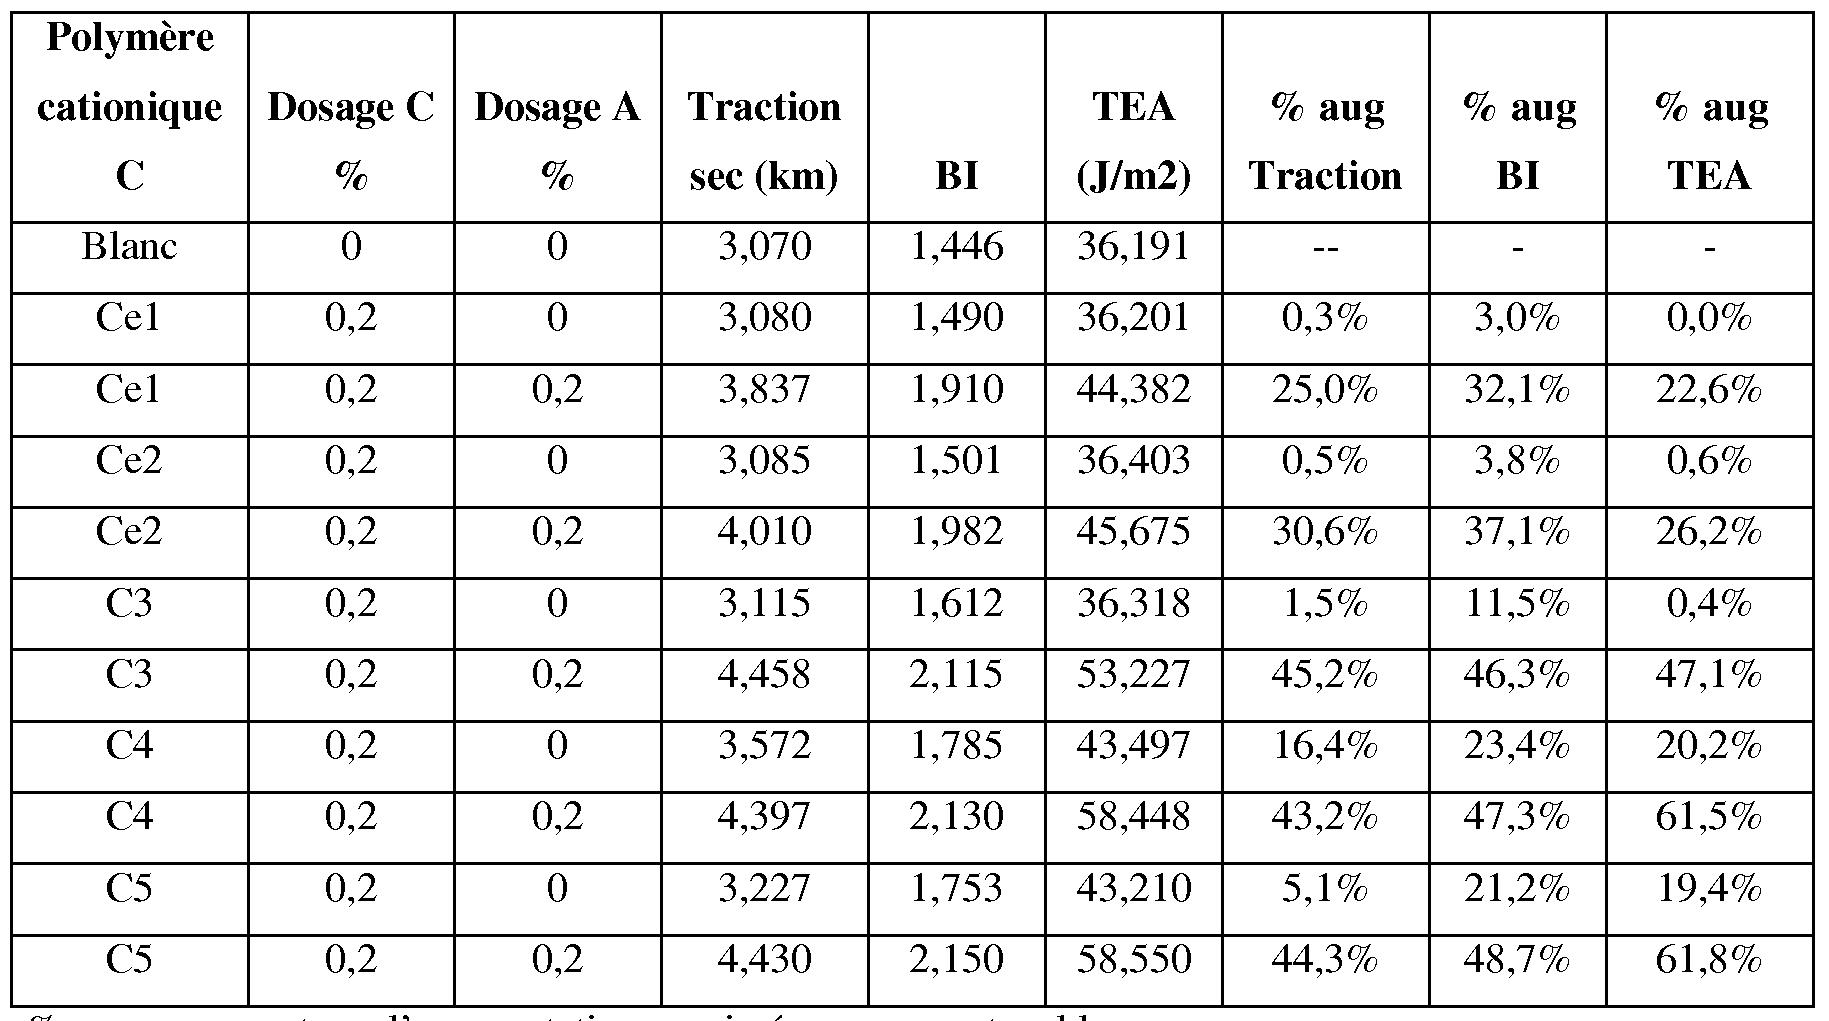 Wo2008113934a2 copolymeres cationiques derives d for Tableau de conversion